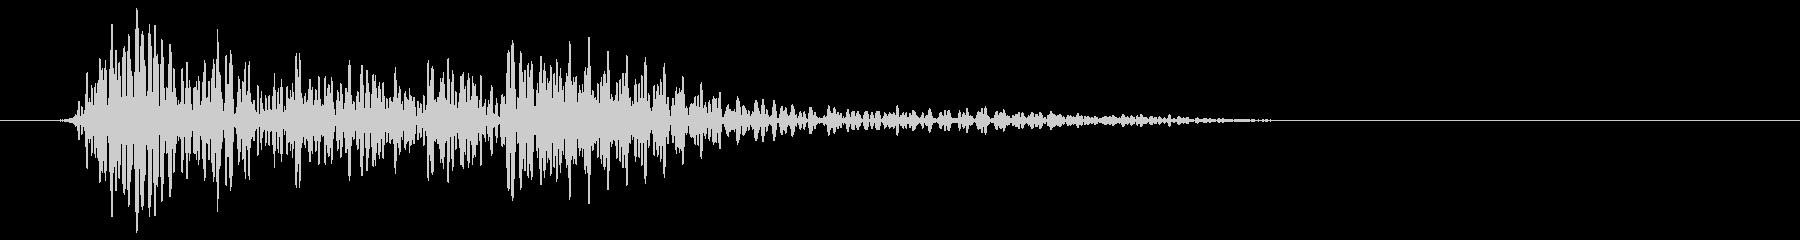 低く響くオットセイ音の未再生の波形